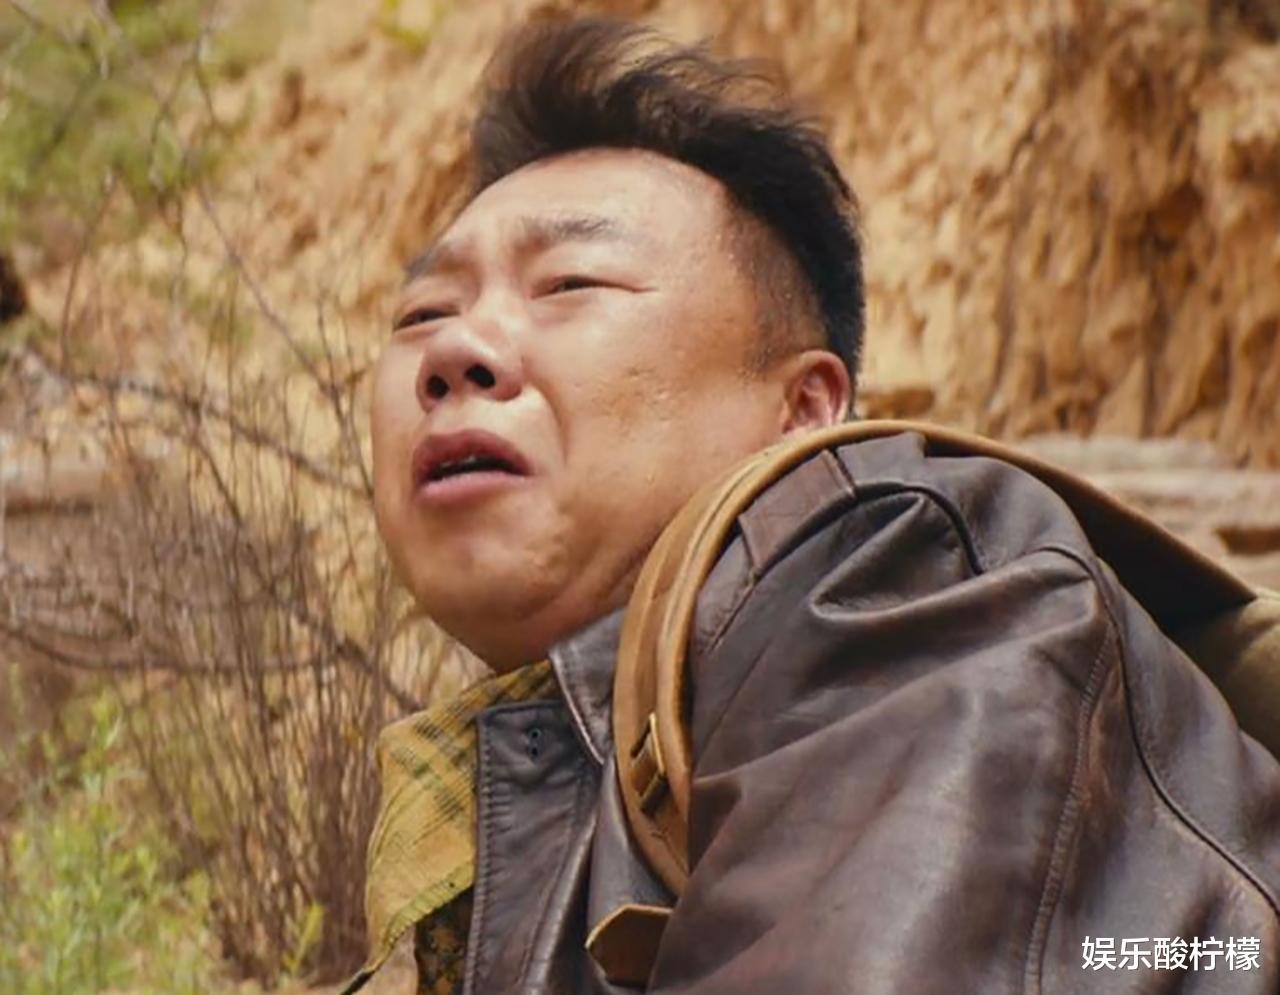 12部待播悬疑剧,赵丽颖反派,杨紫迷糊,《鬼吹灯》是首选